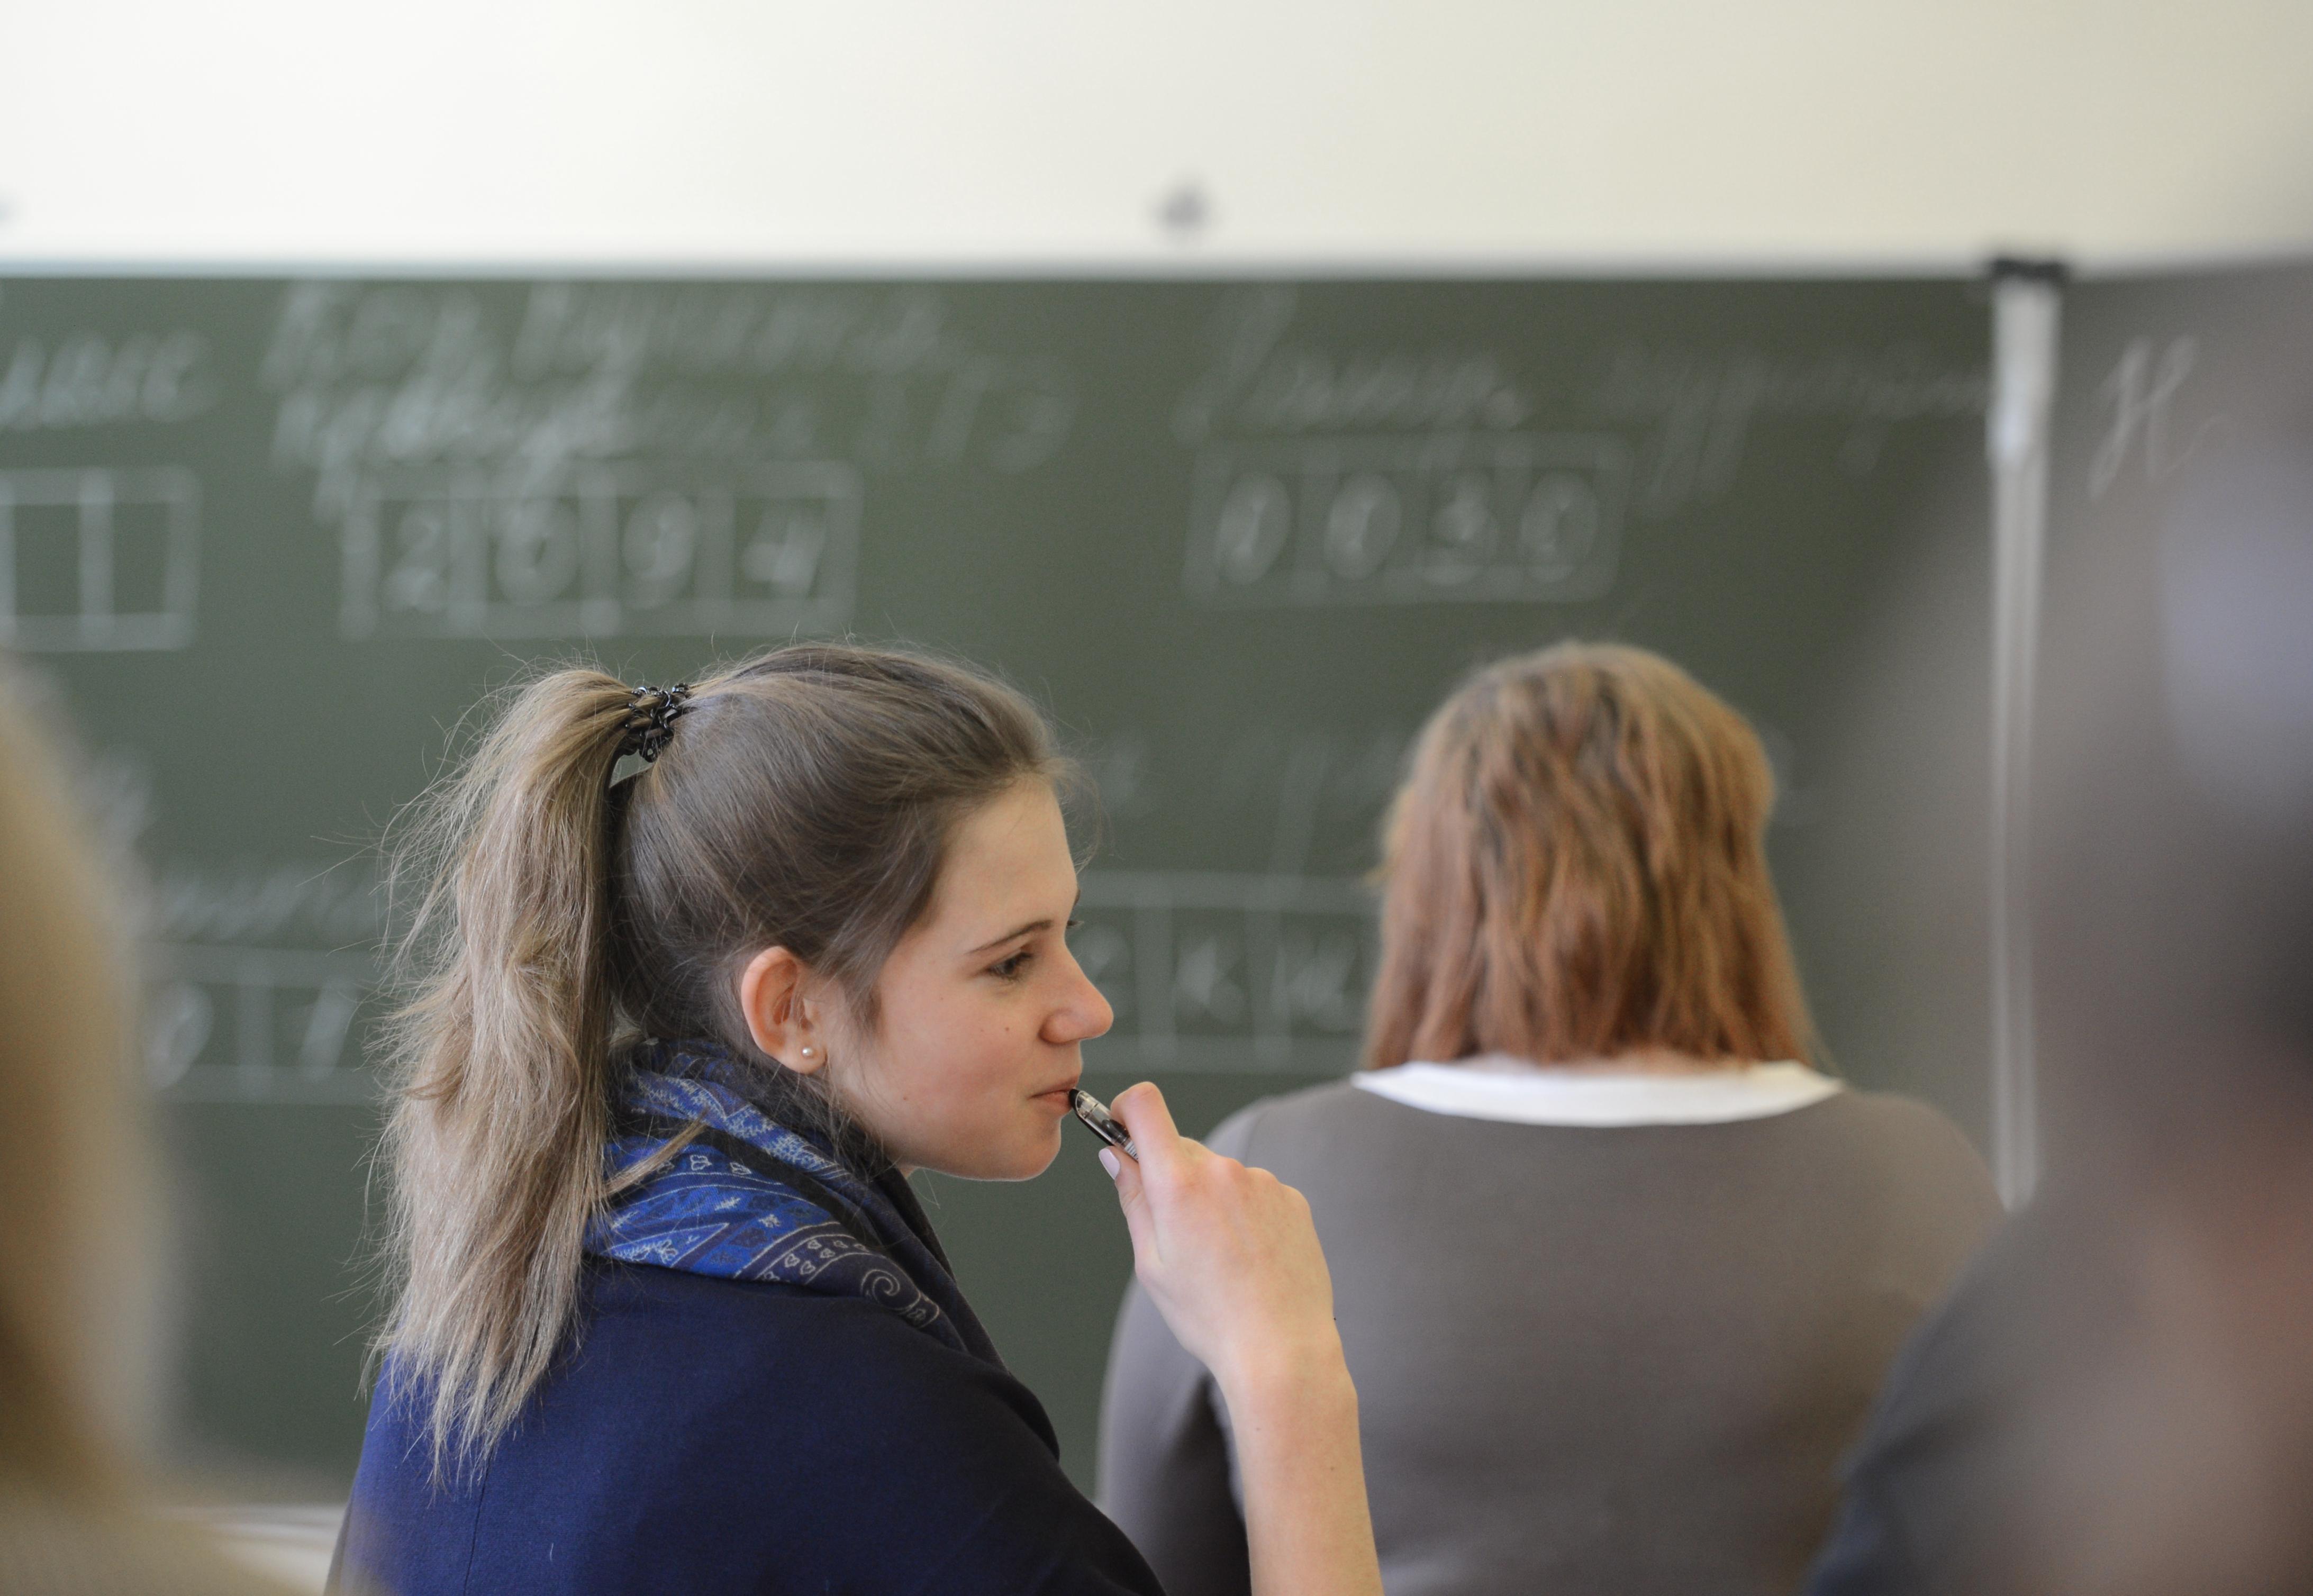 Основната дискусия около ЕДИ се отнася до неговата обективност в сравнение със системата, която действаше до 2009 г., при която завършващите средно образование полагаха изпити, подготвени от техните учители, а след това и изпити в избраното от тях висше учебно заведение.